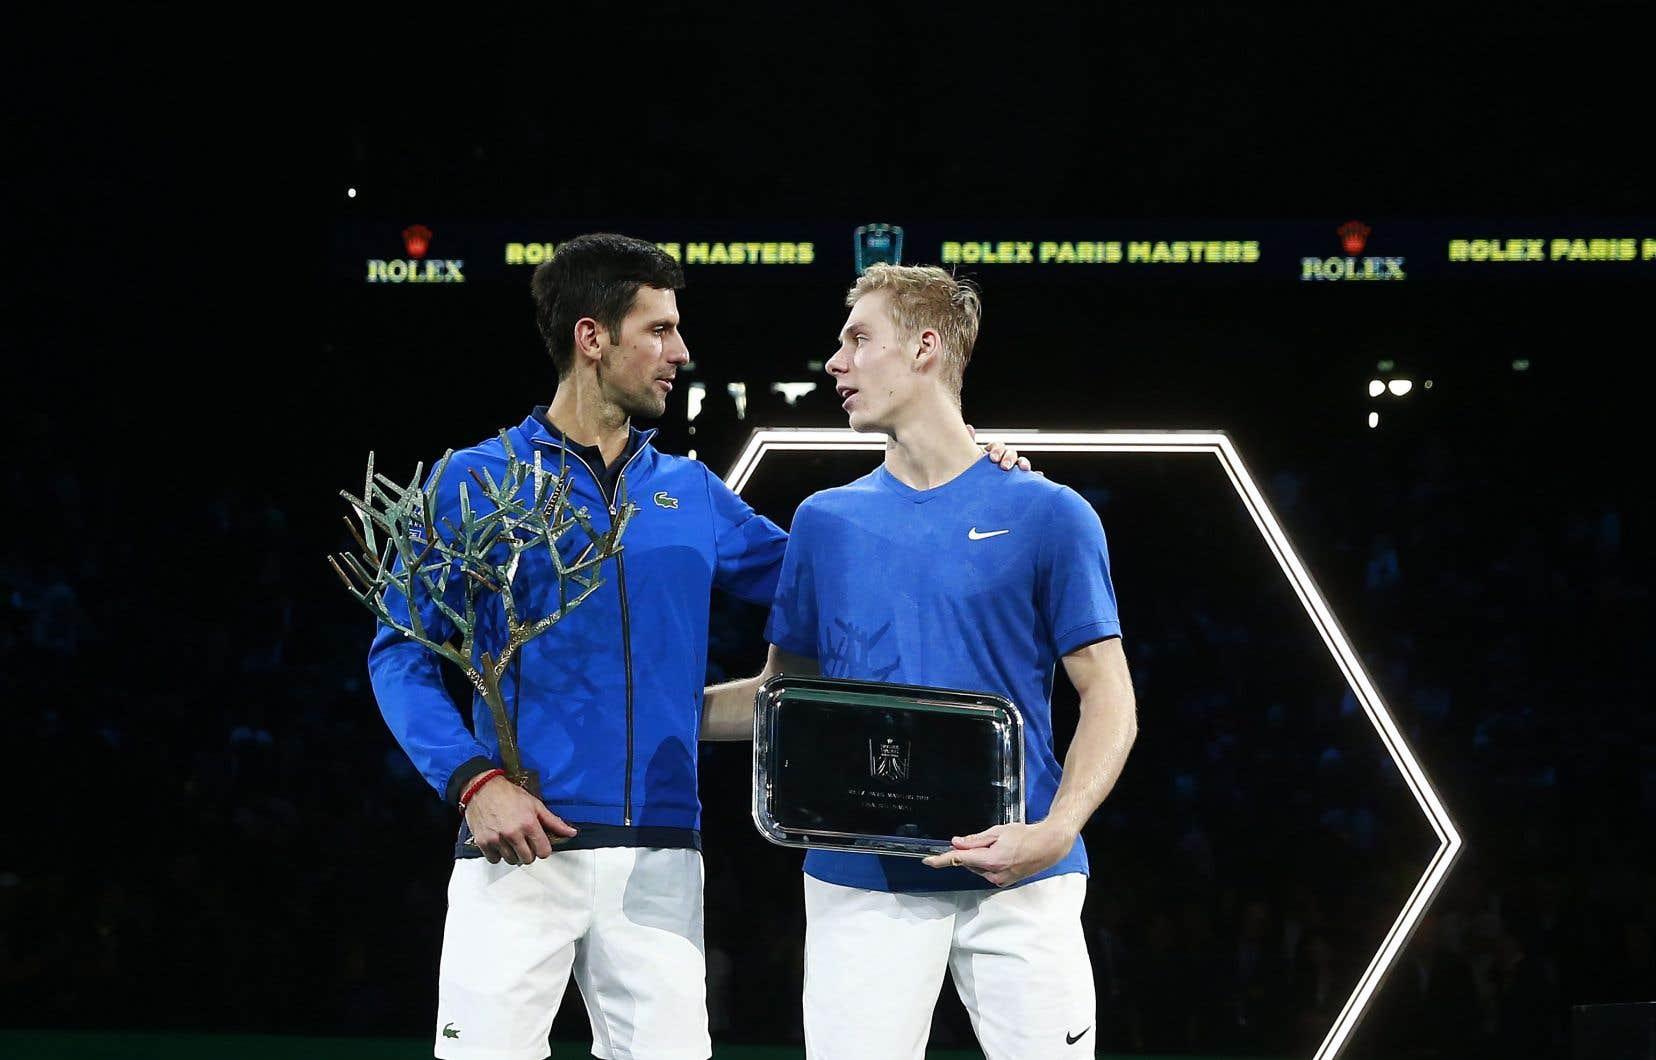 Le Canadien Denis Shapovalov (à droite) s'est incliné 6-3, 6-4 devant le no 1 mondial Novak Djokovic, dimanche.